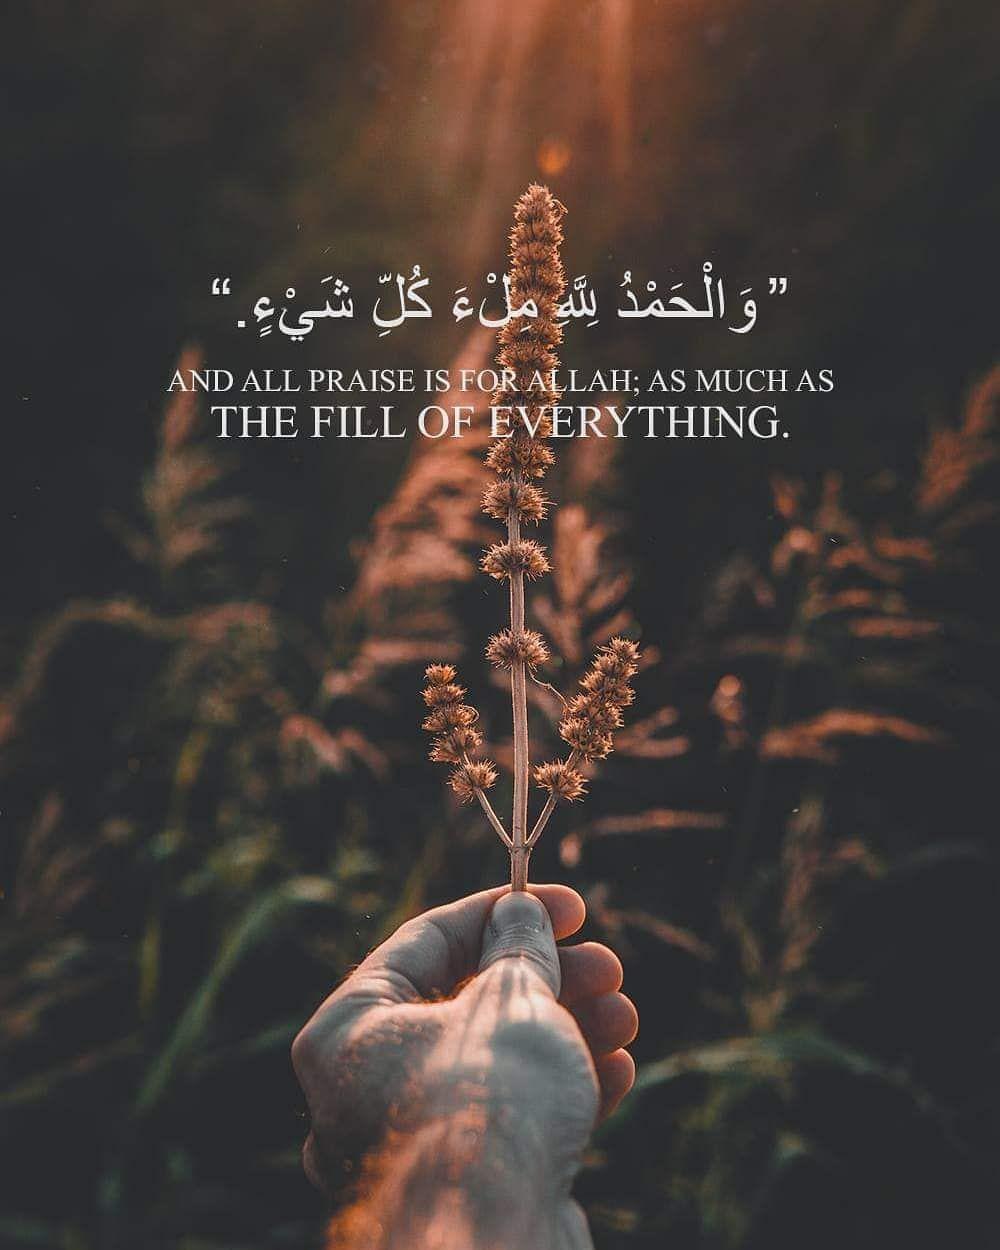 Chosen Verse On Instagram Alhamdulillah Islam Deen Dawah Design Muslim اسلاميات اسلام الحمدلله ع Quran Verses Quran Quotes Verses Quran Quotes